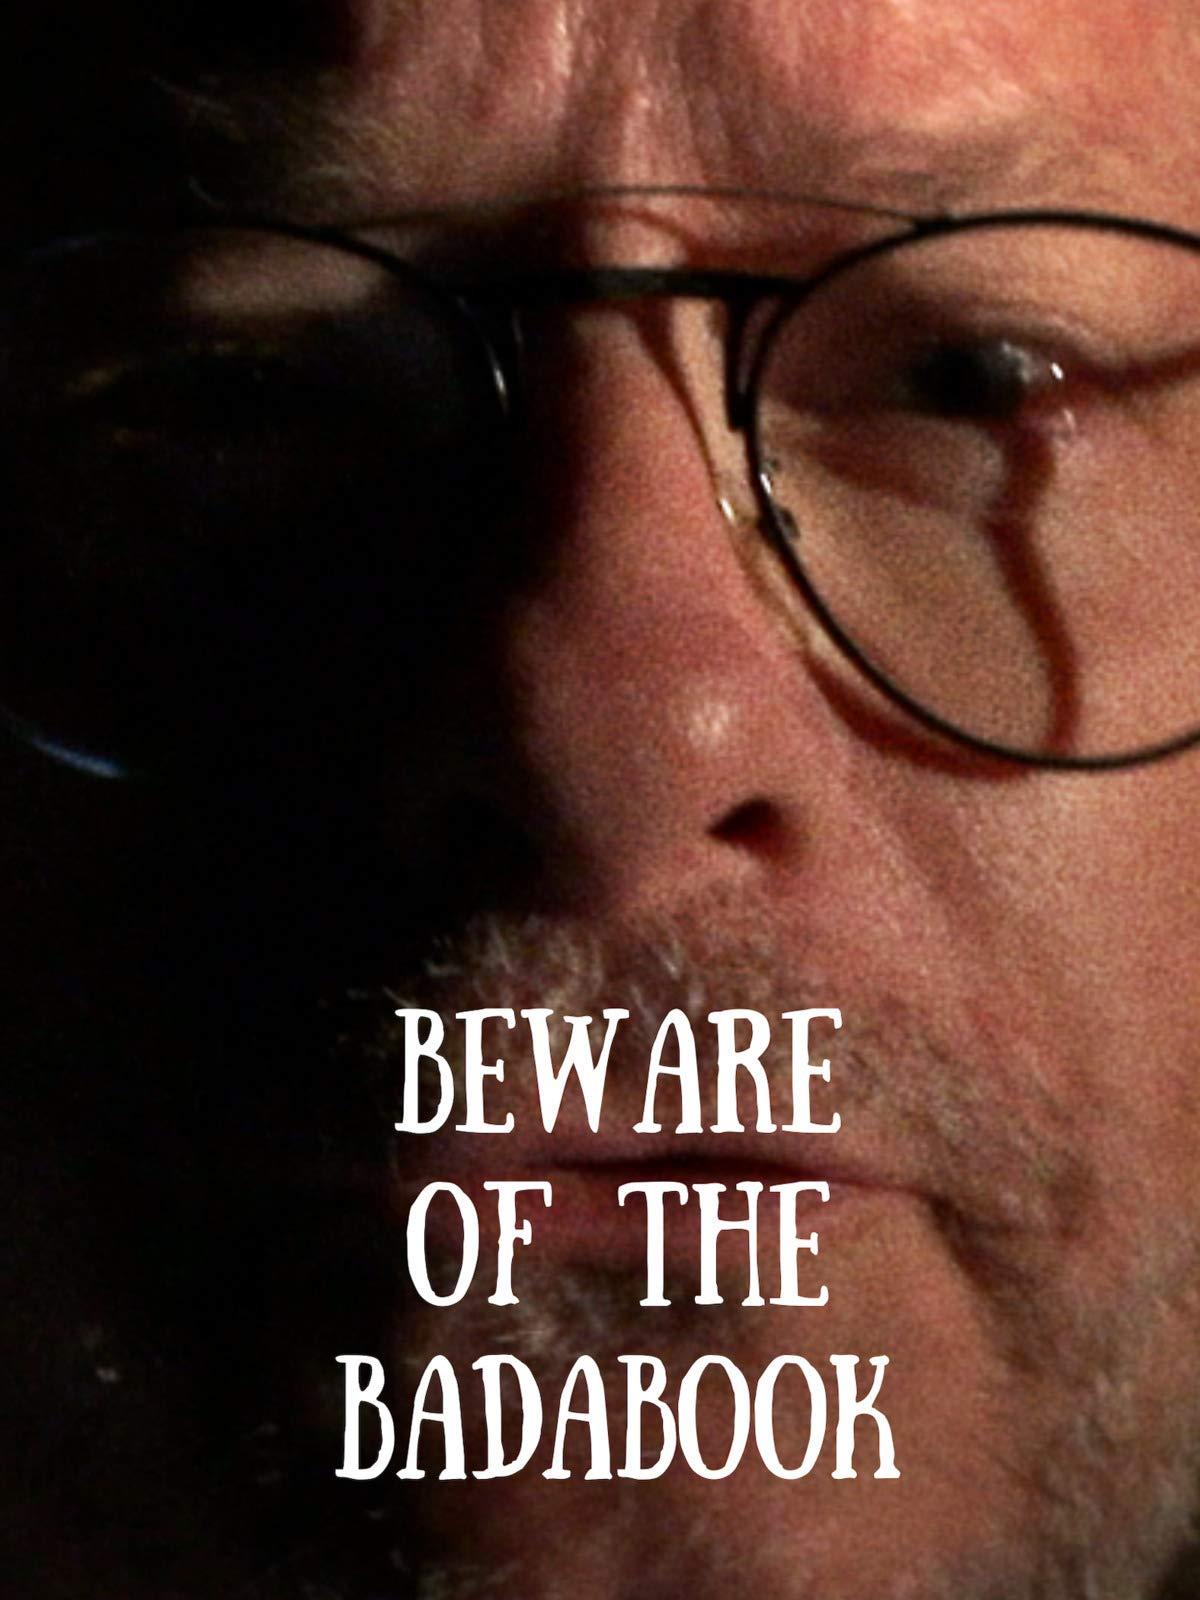 Beware of the Badabook